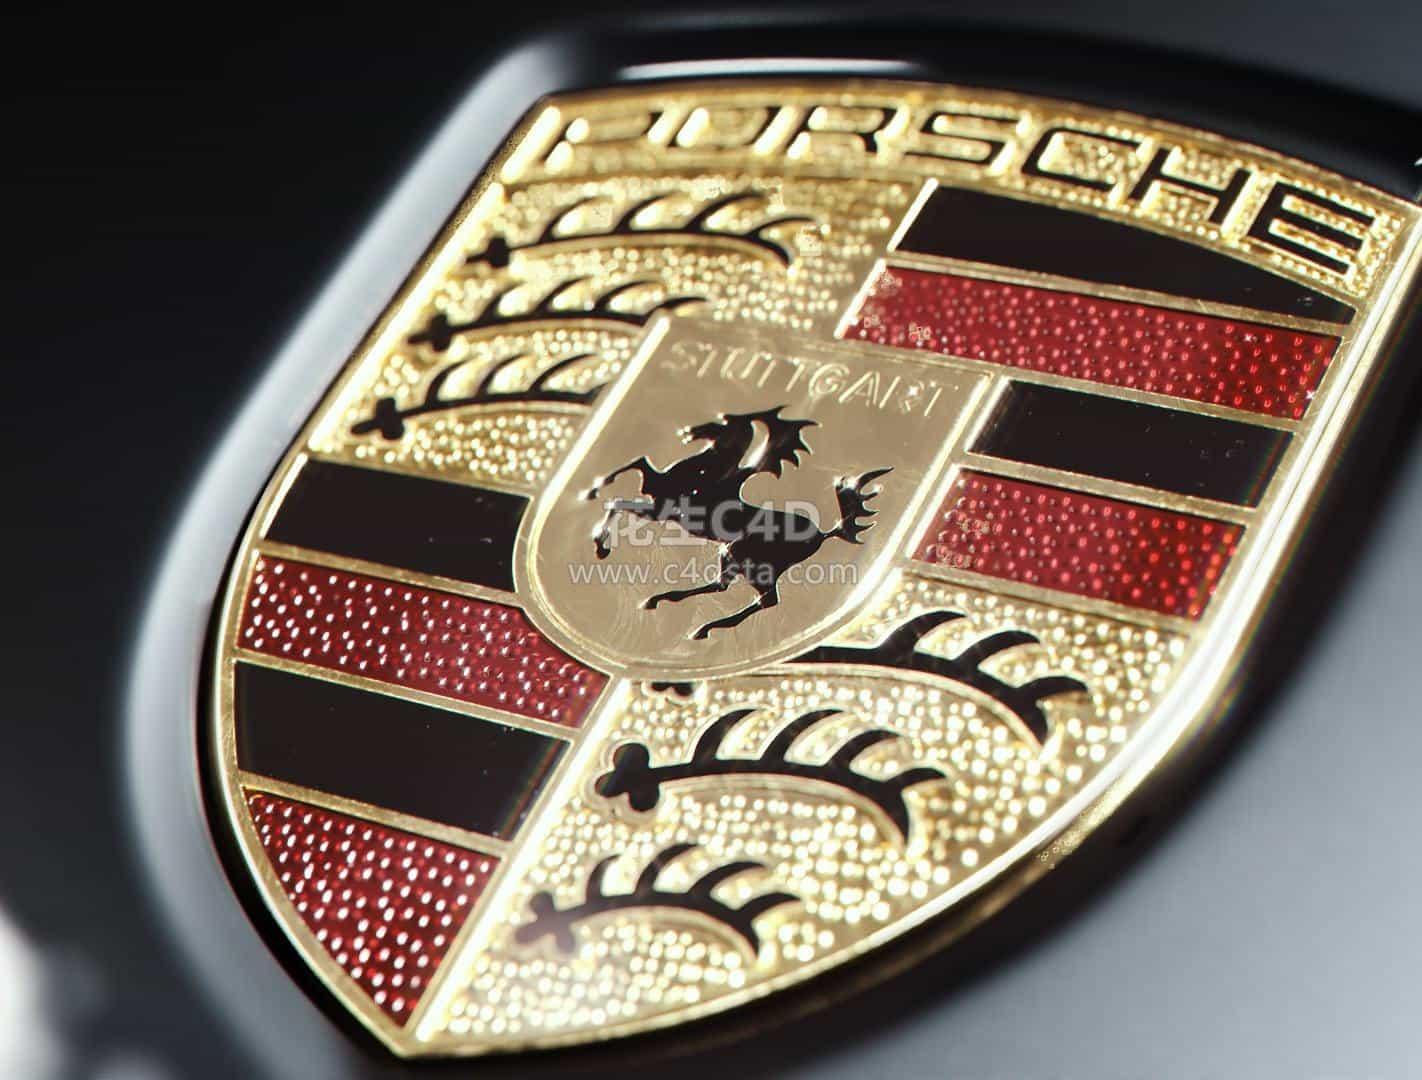 三维模型:保时捷汽车Logo 标志 车标 C4D/FBX 626CG资源站